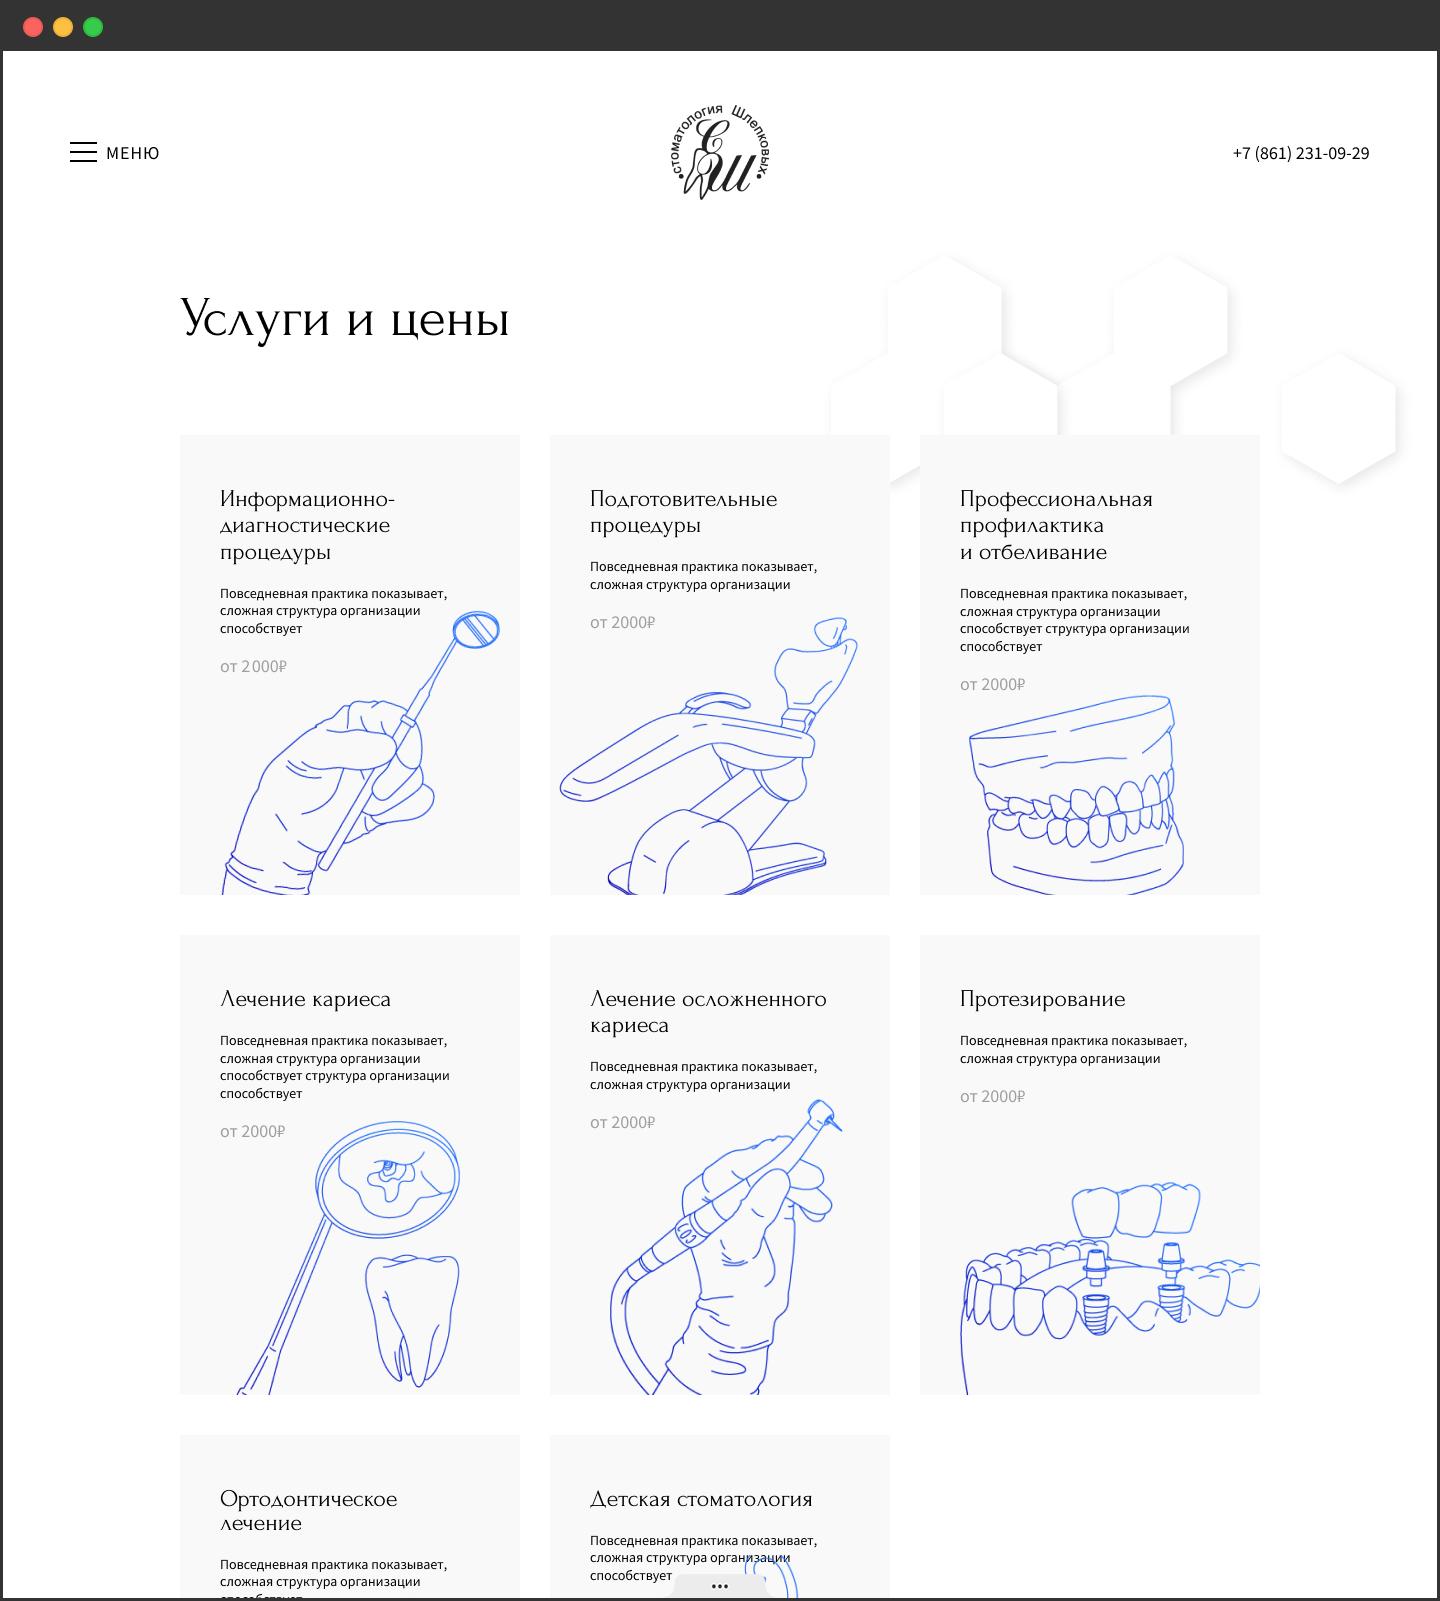 Пример страницы услуг